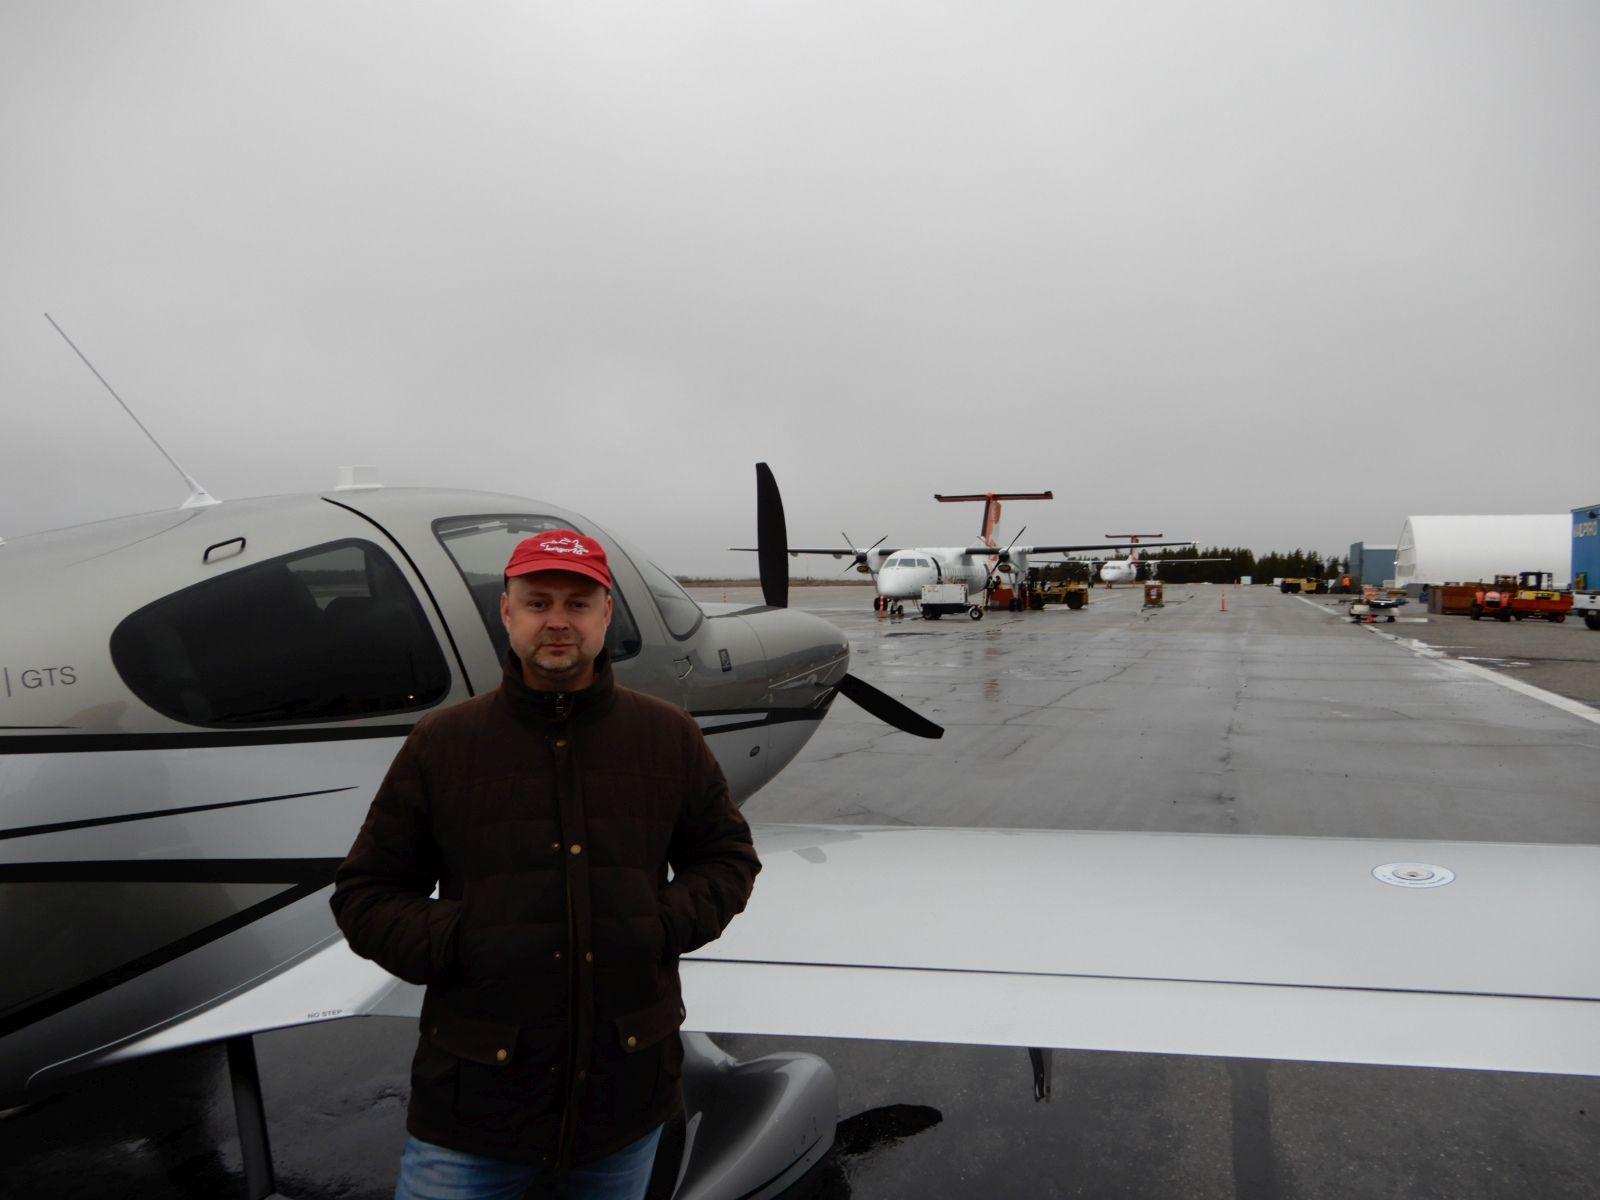 Tankování na letišti La Grande Riviere (CYGL), Quebec, Kanada